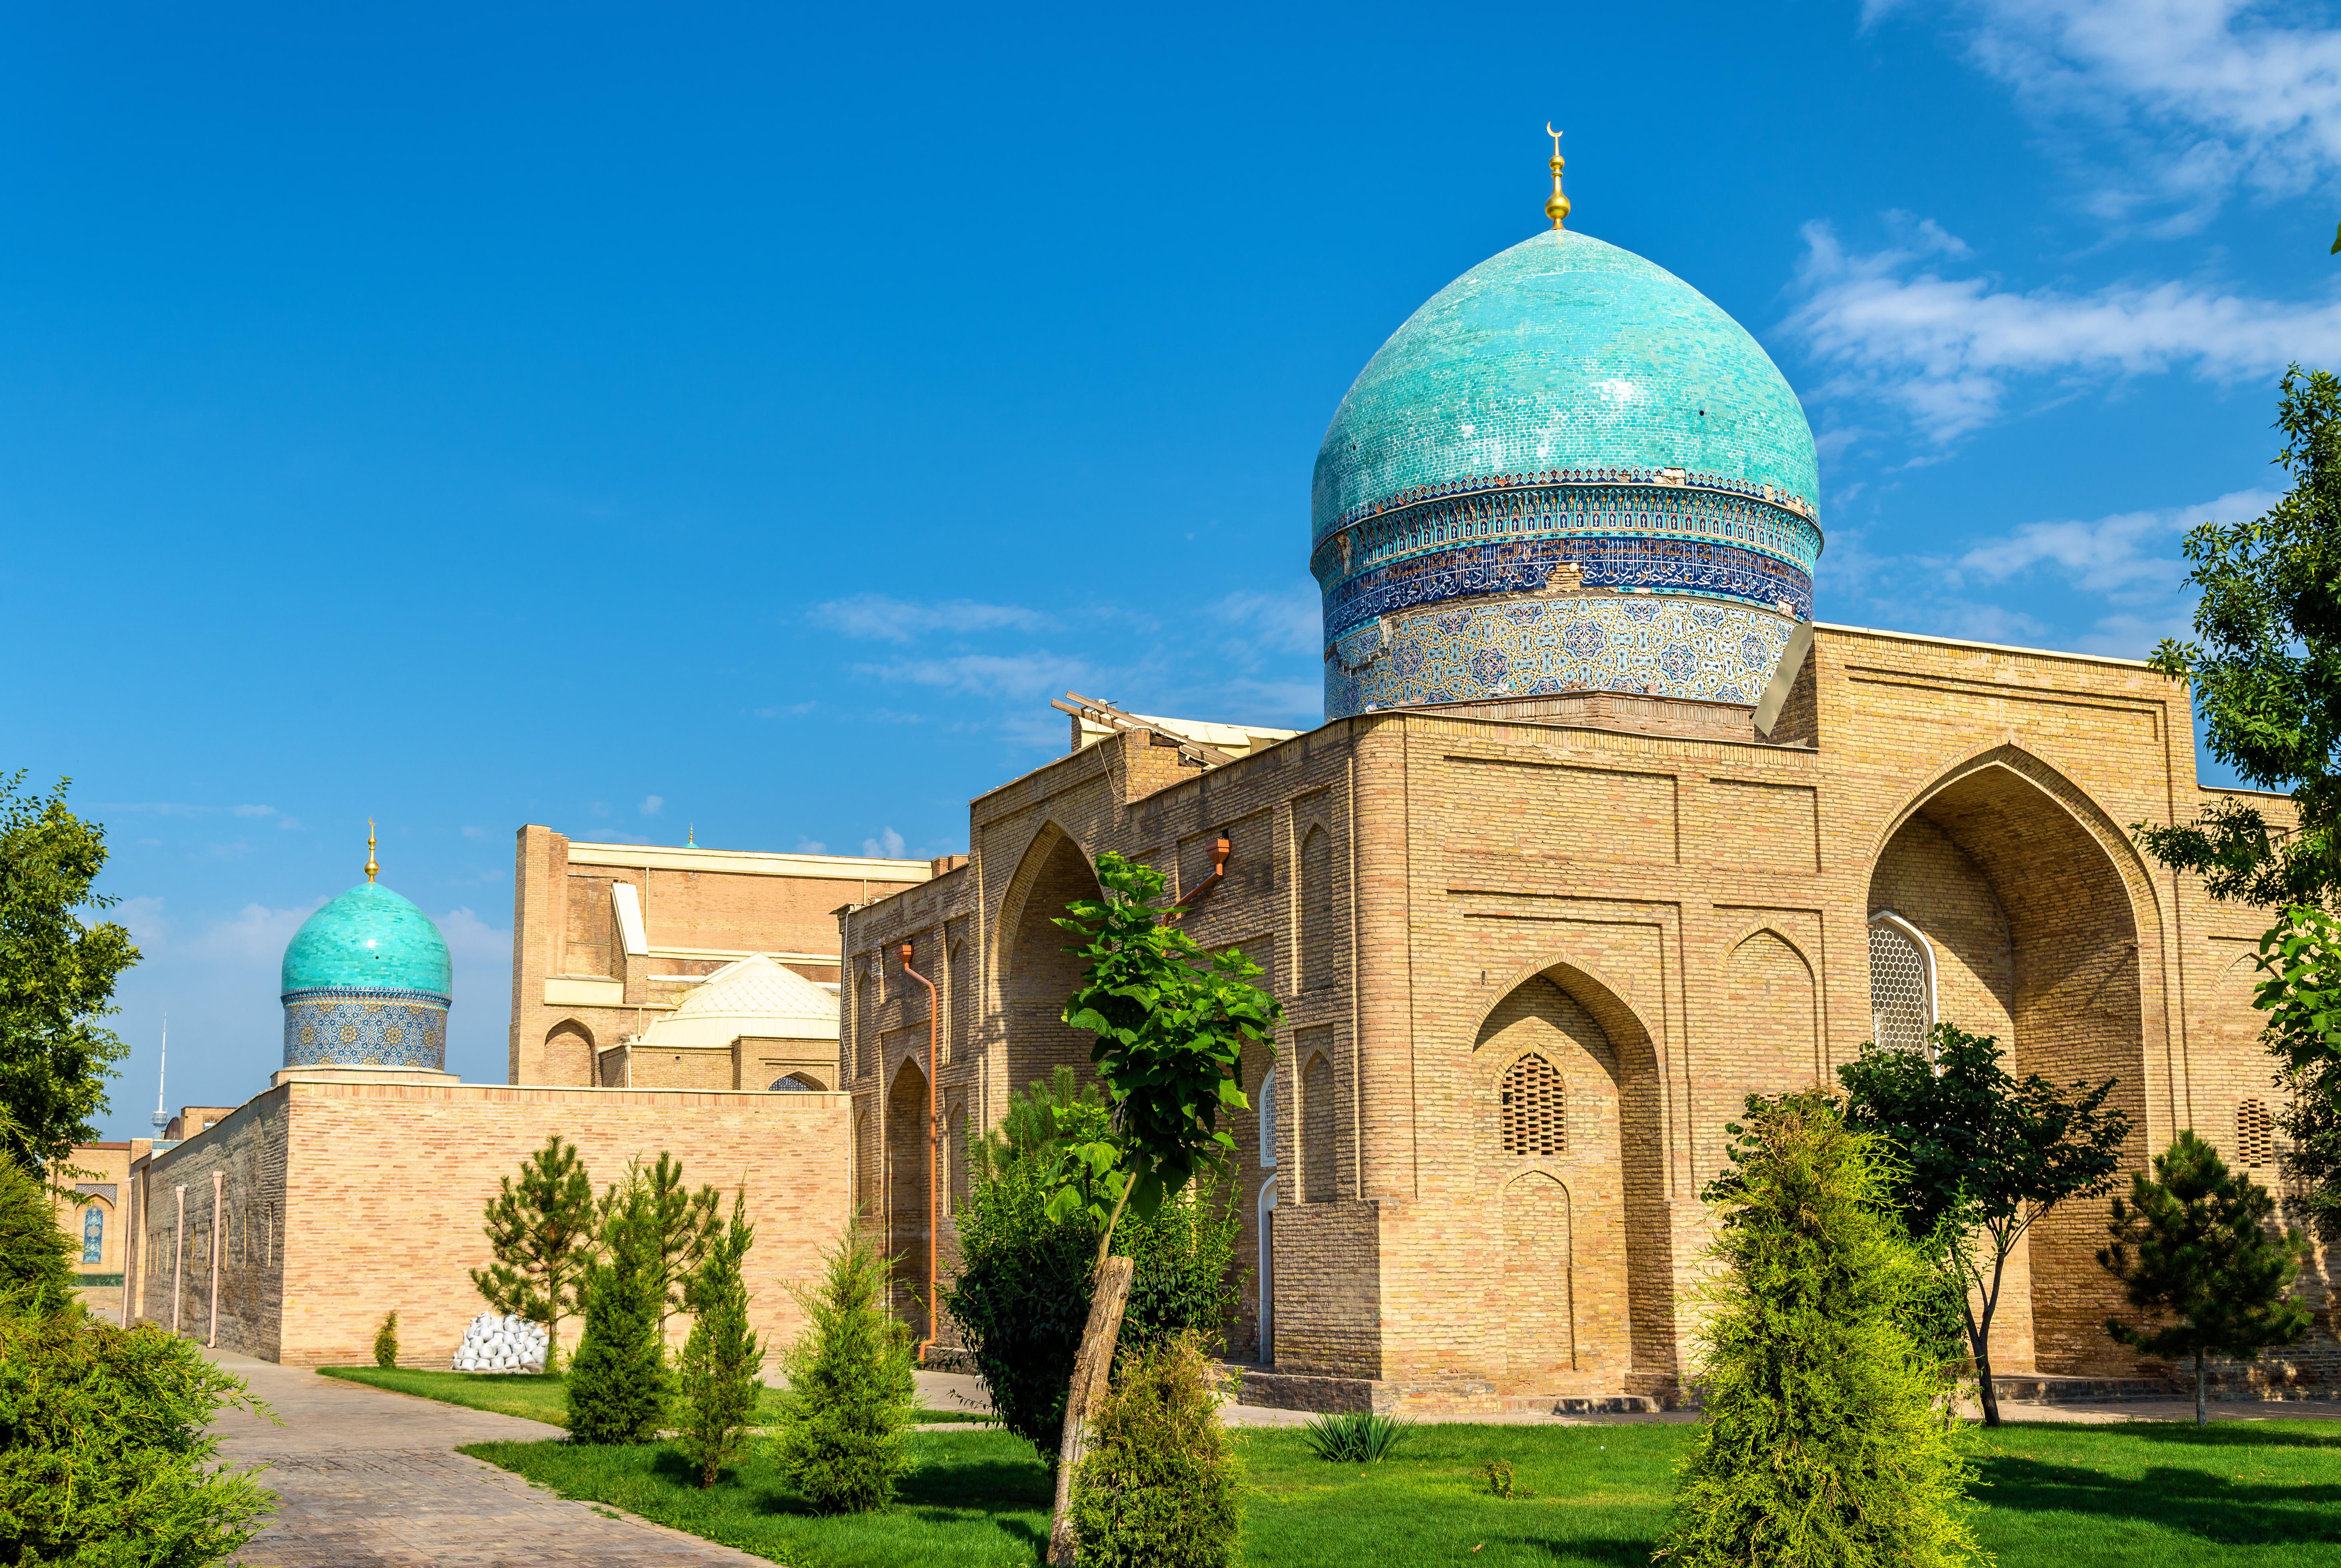 Un día en Tashkent, la capital de Uzbekistán - Uzbekistán Gran Viaje Uzbekistán Imprescindible